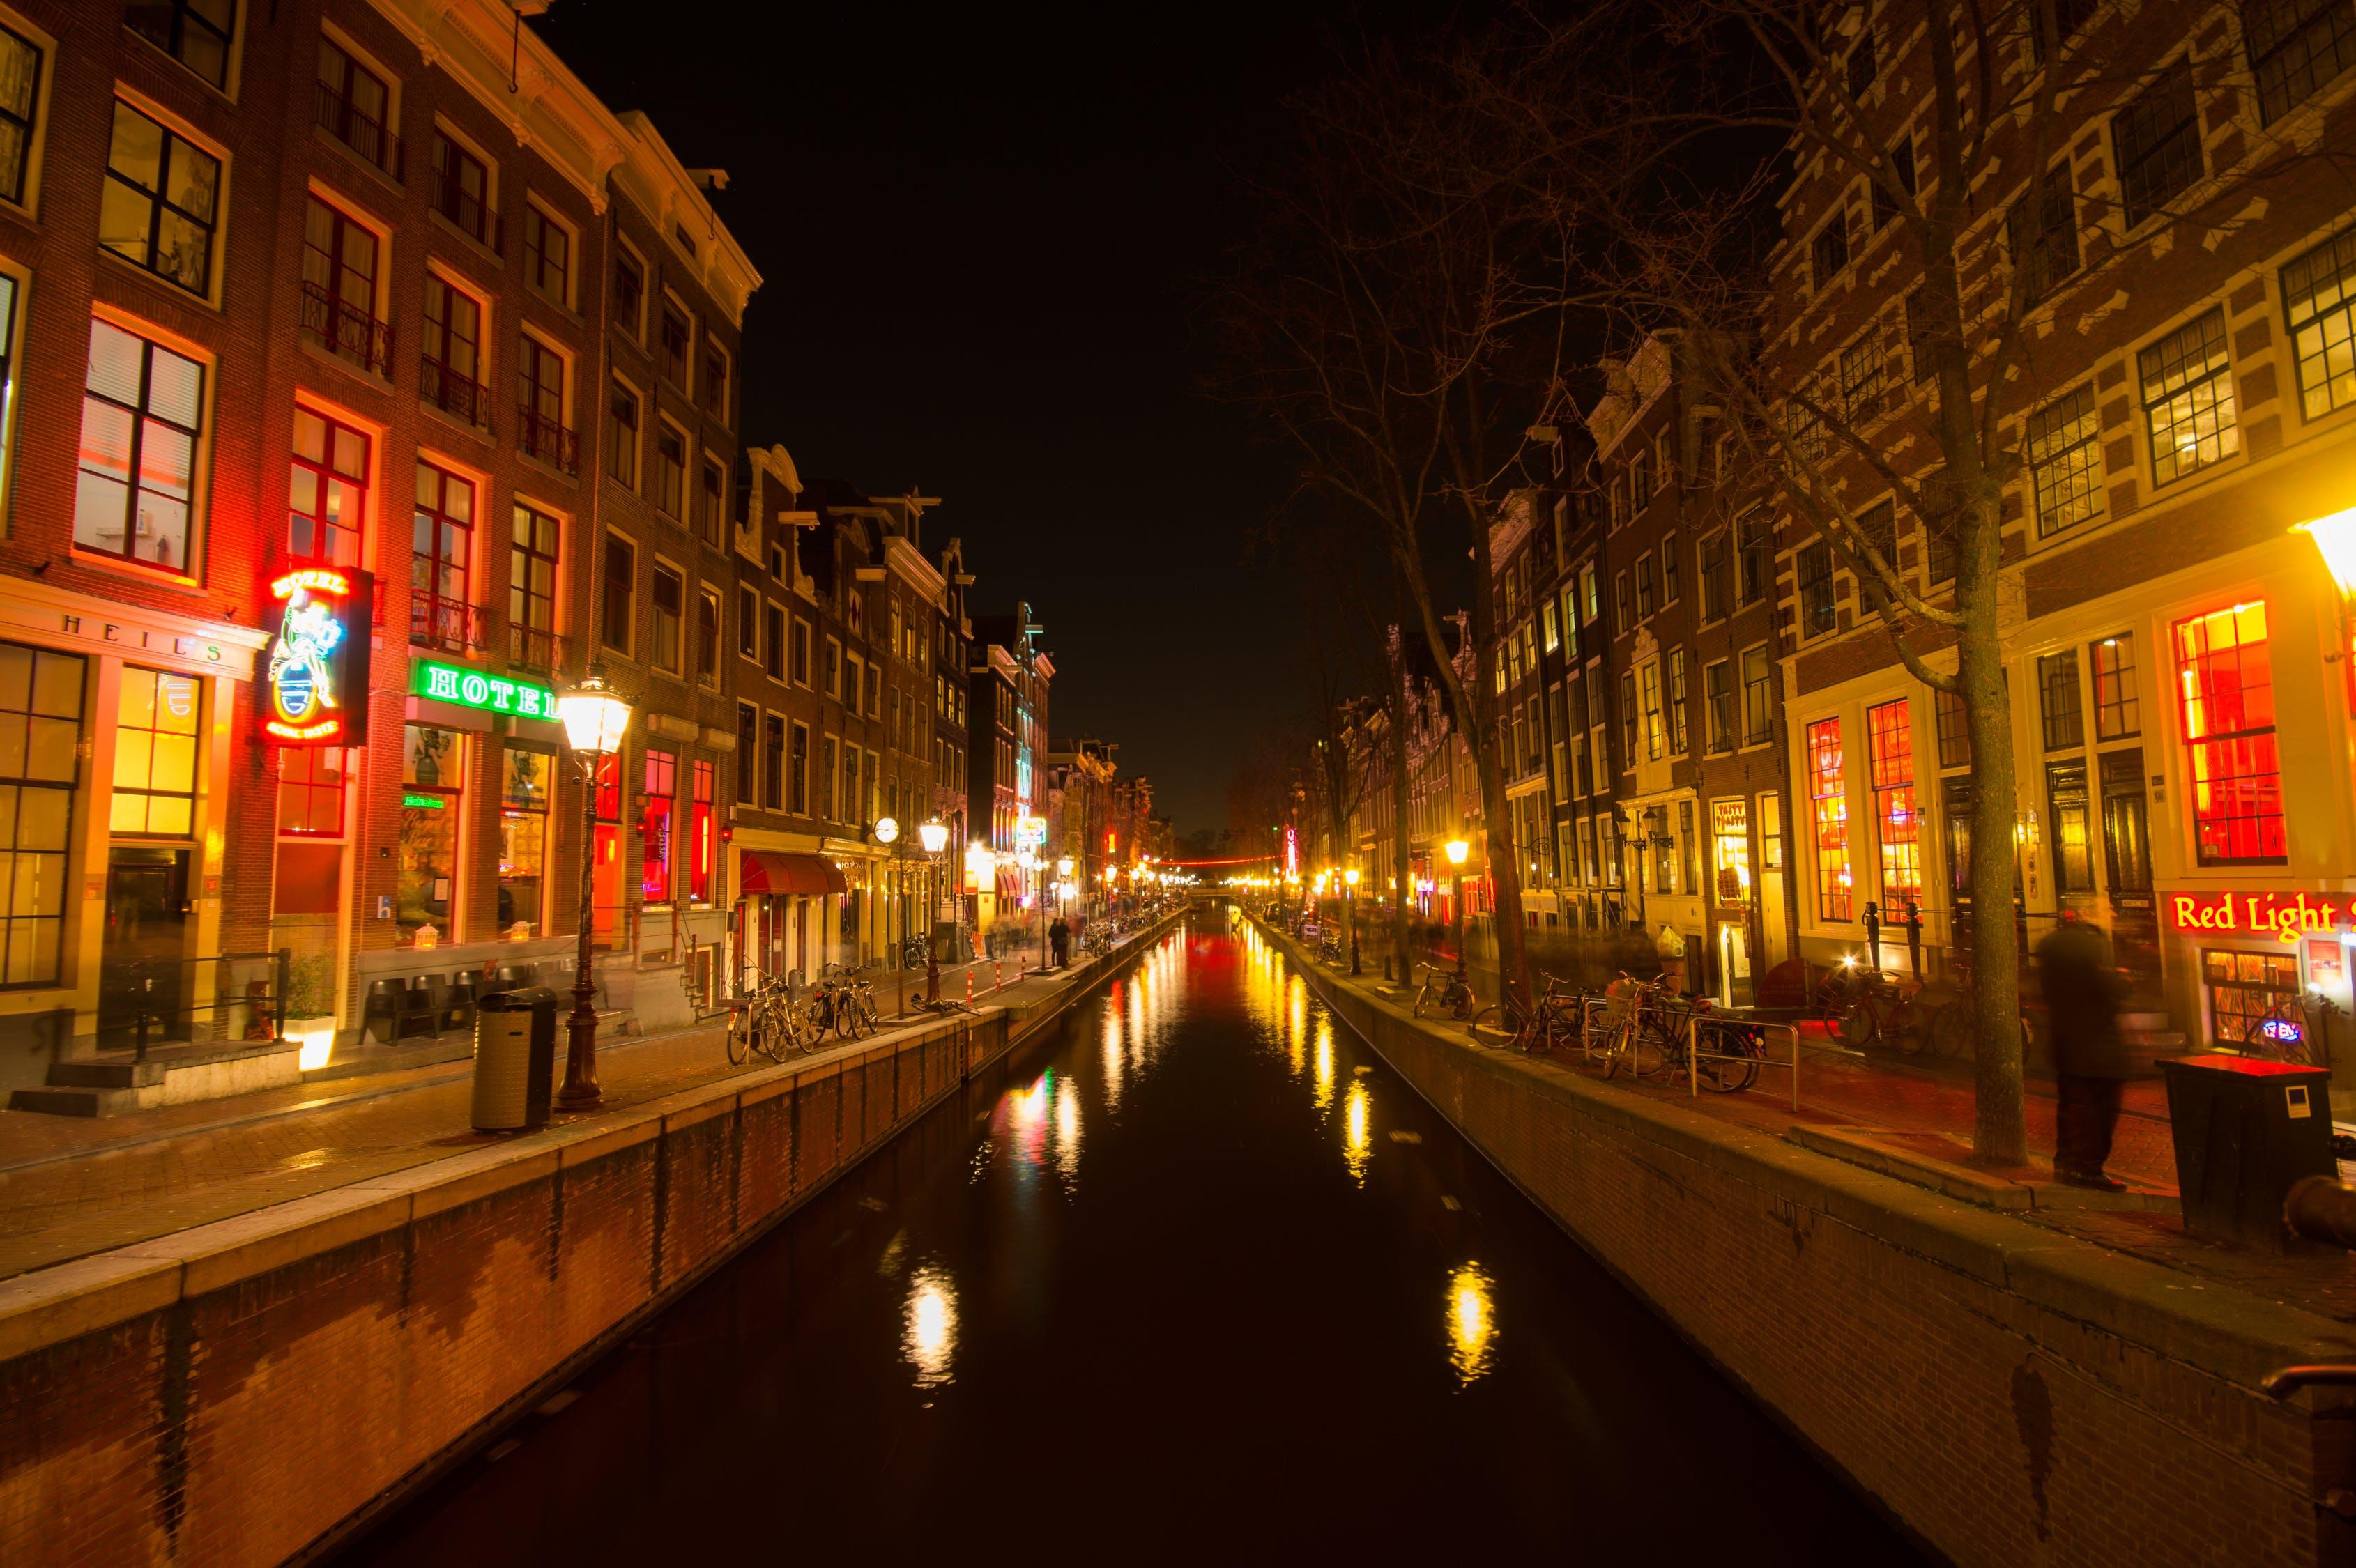 Amsterdã pretende acabar com as vitrines do polêmico 'Red Light District'